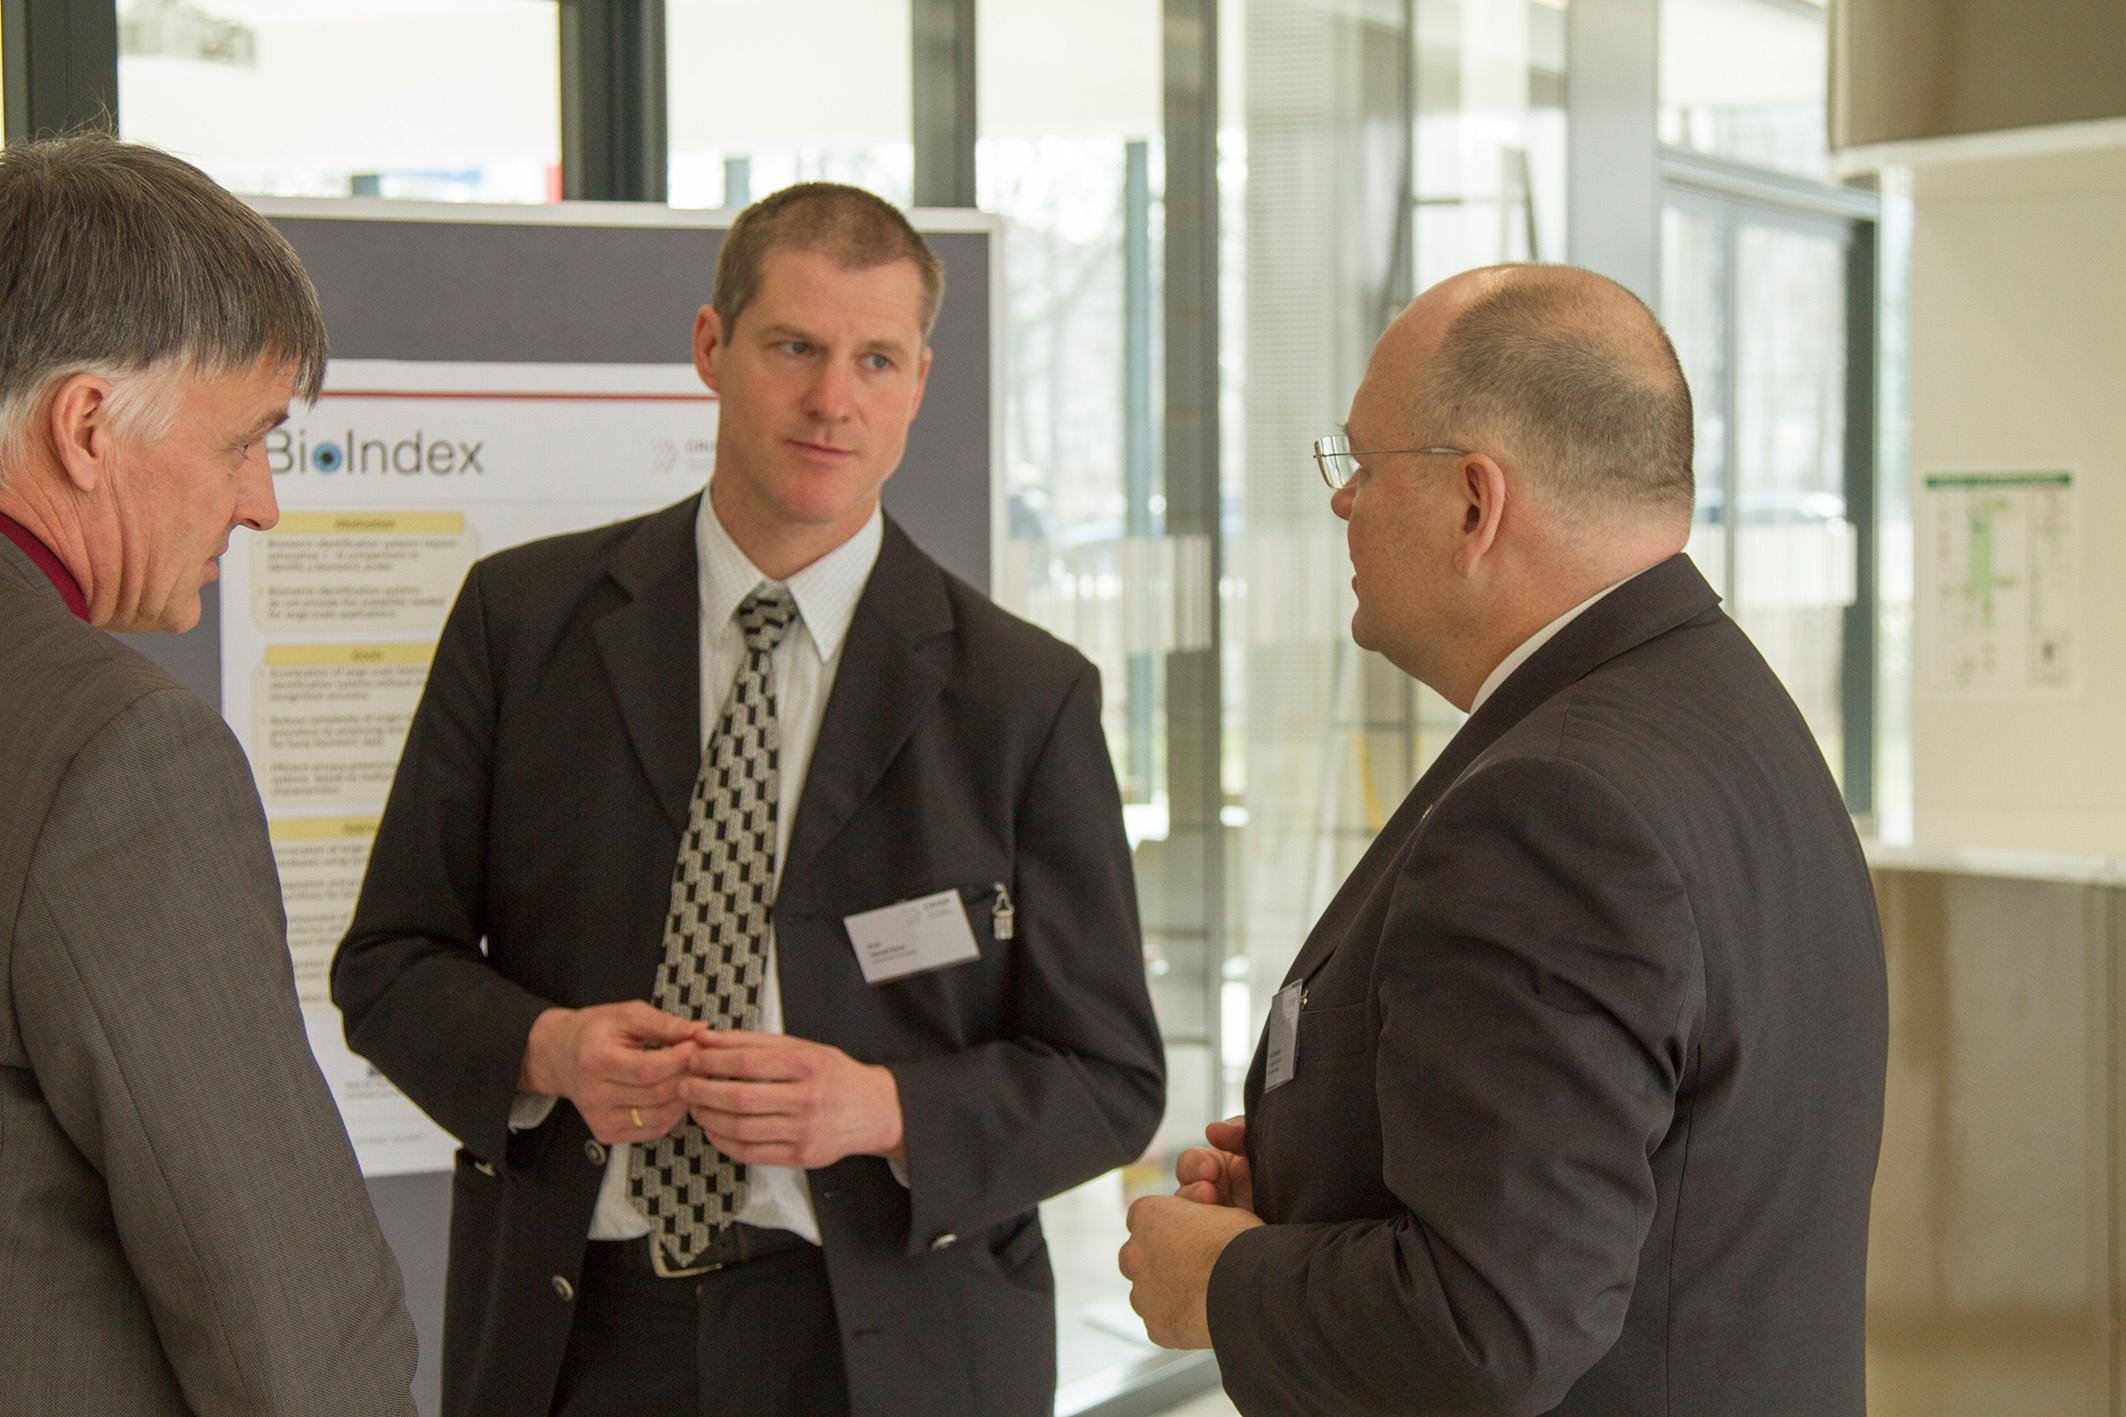 Besuch des BSI Präsidenten Dr. Arne Schönbohm